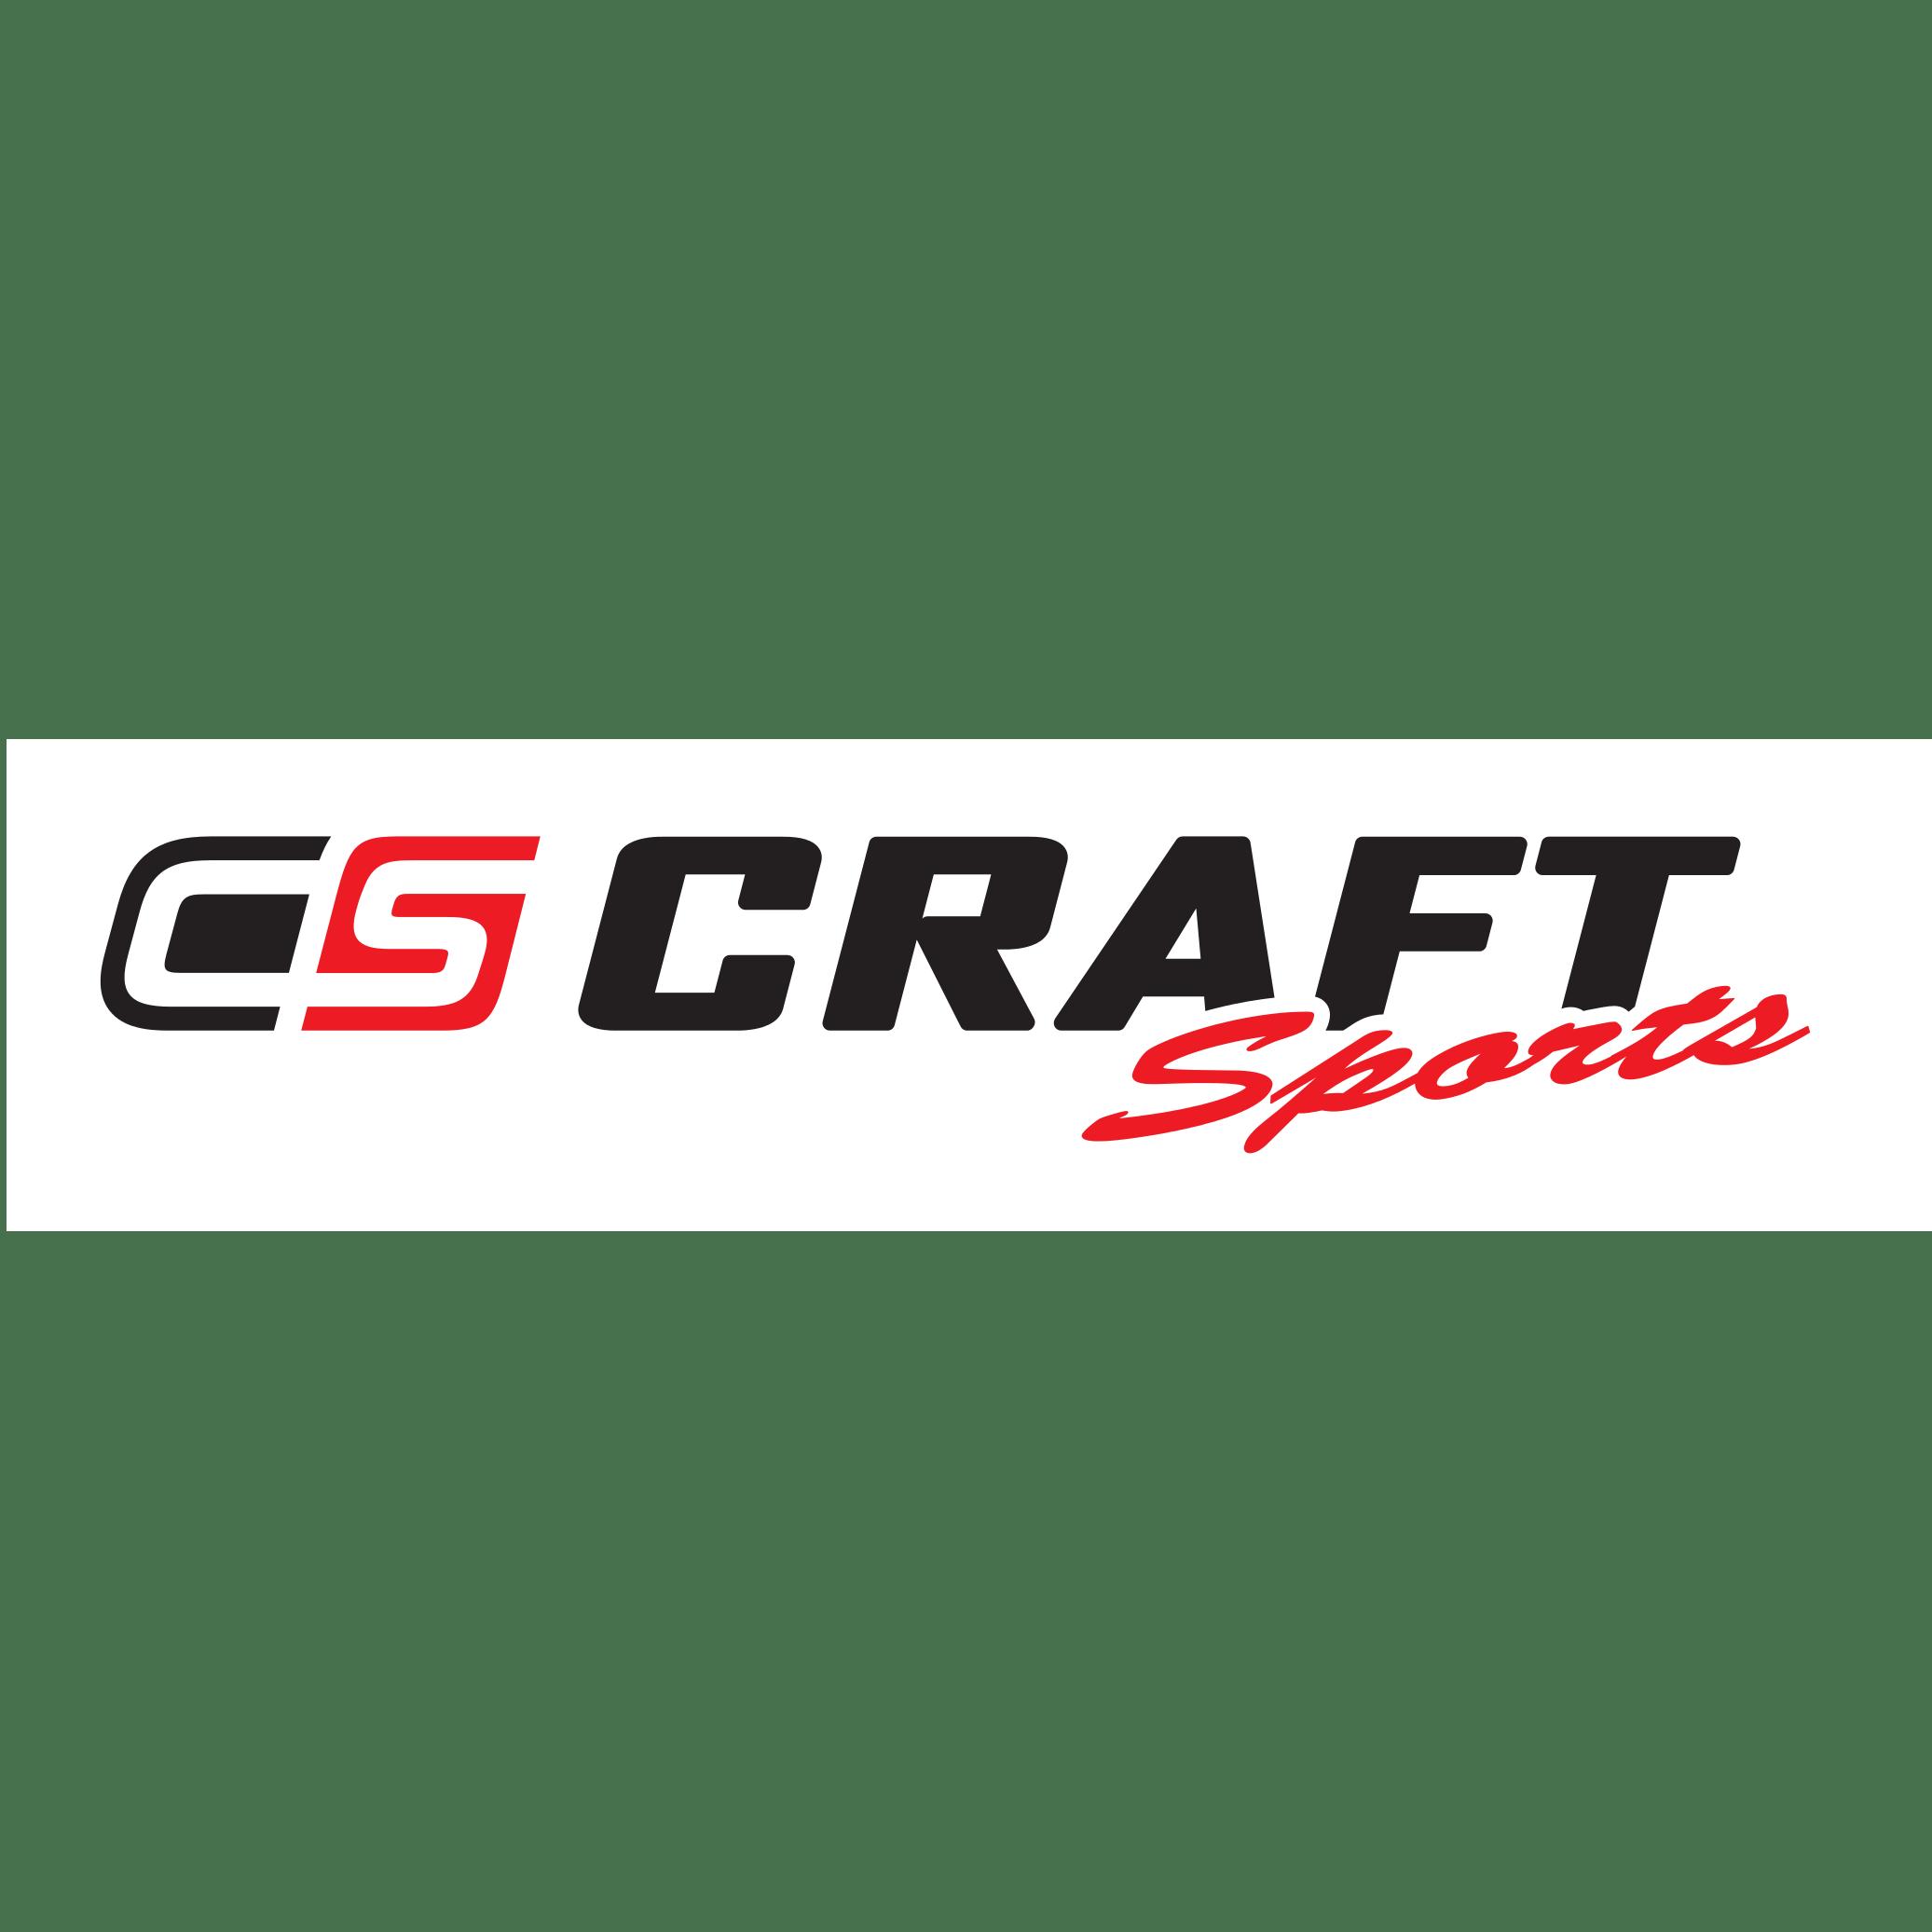 Gt R Craft Sports